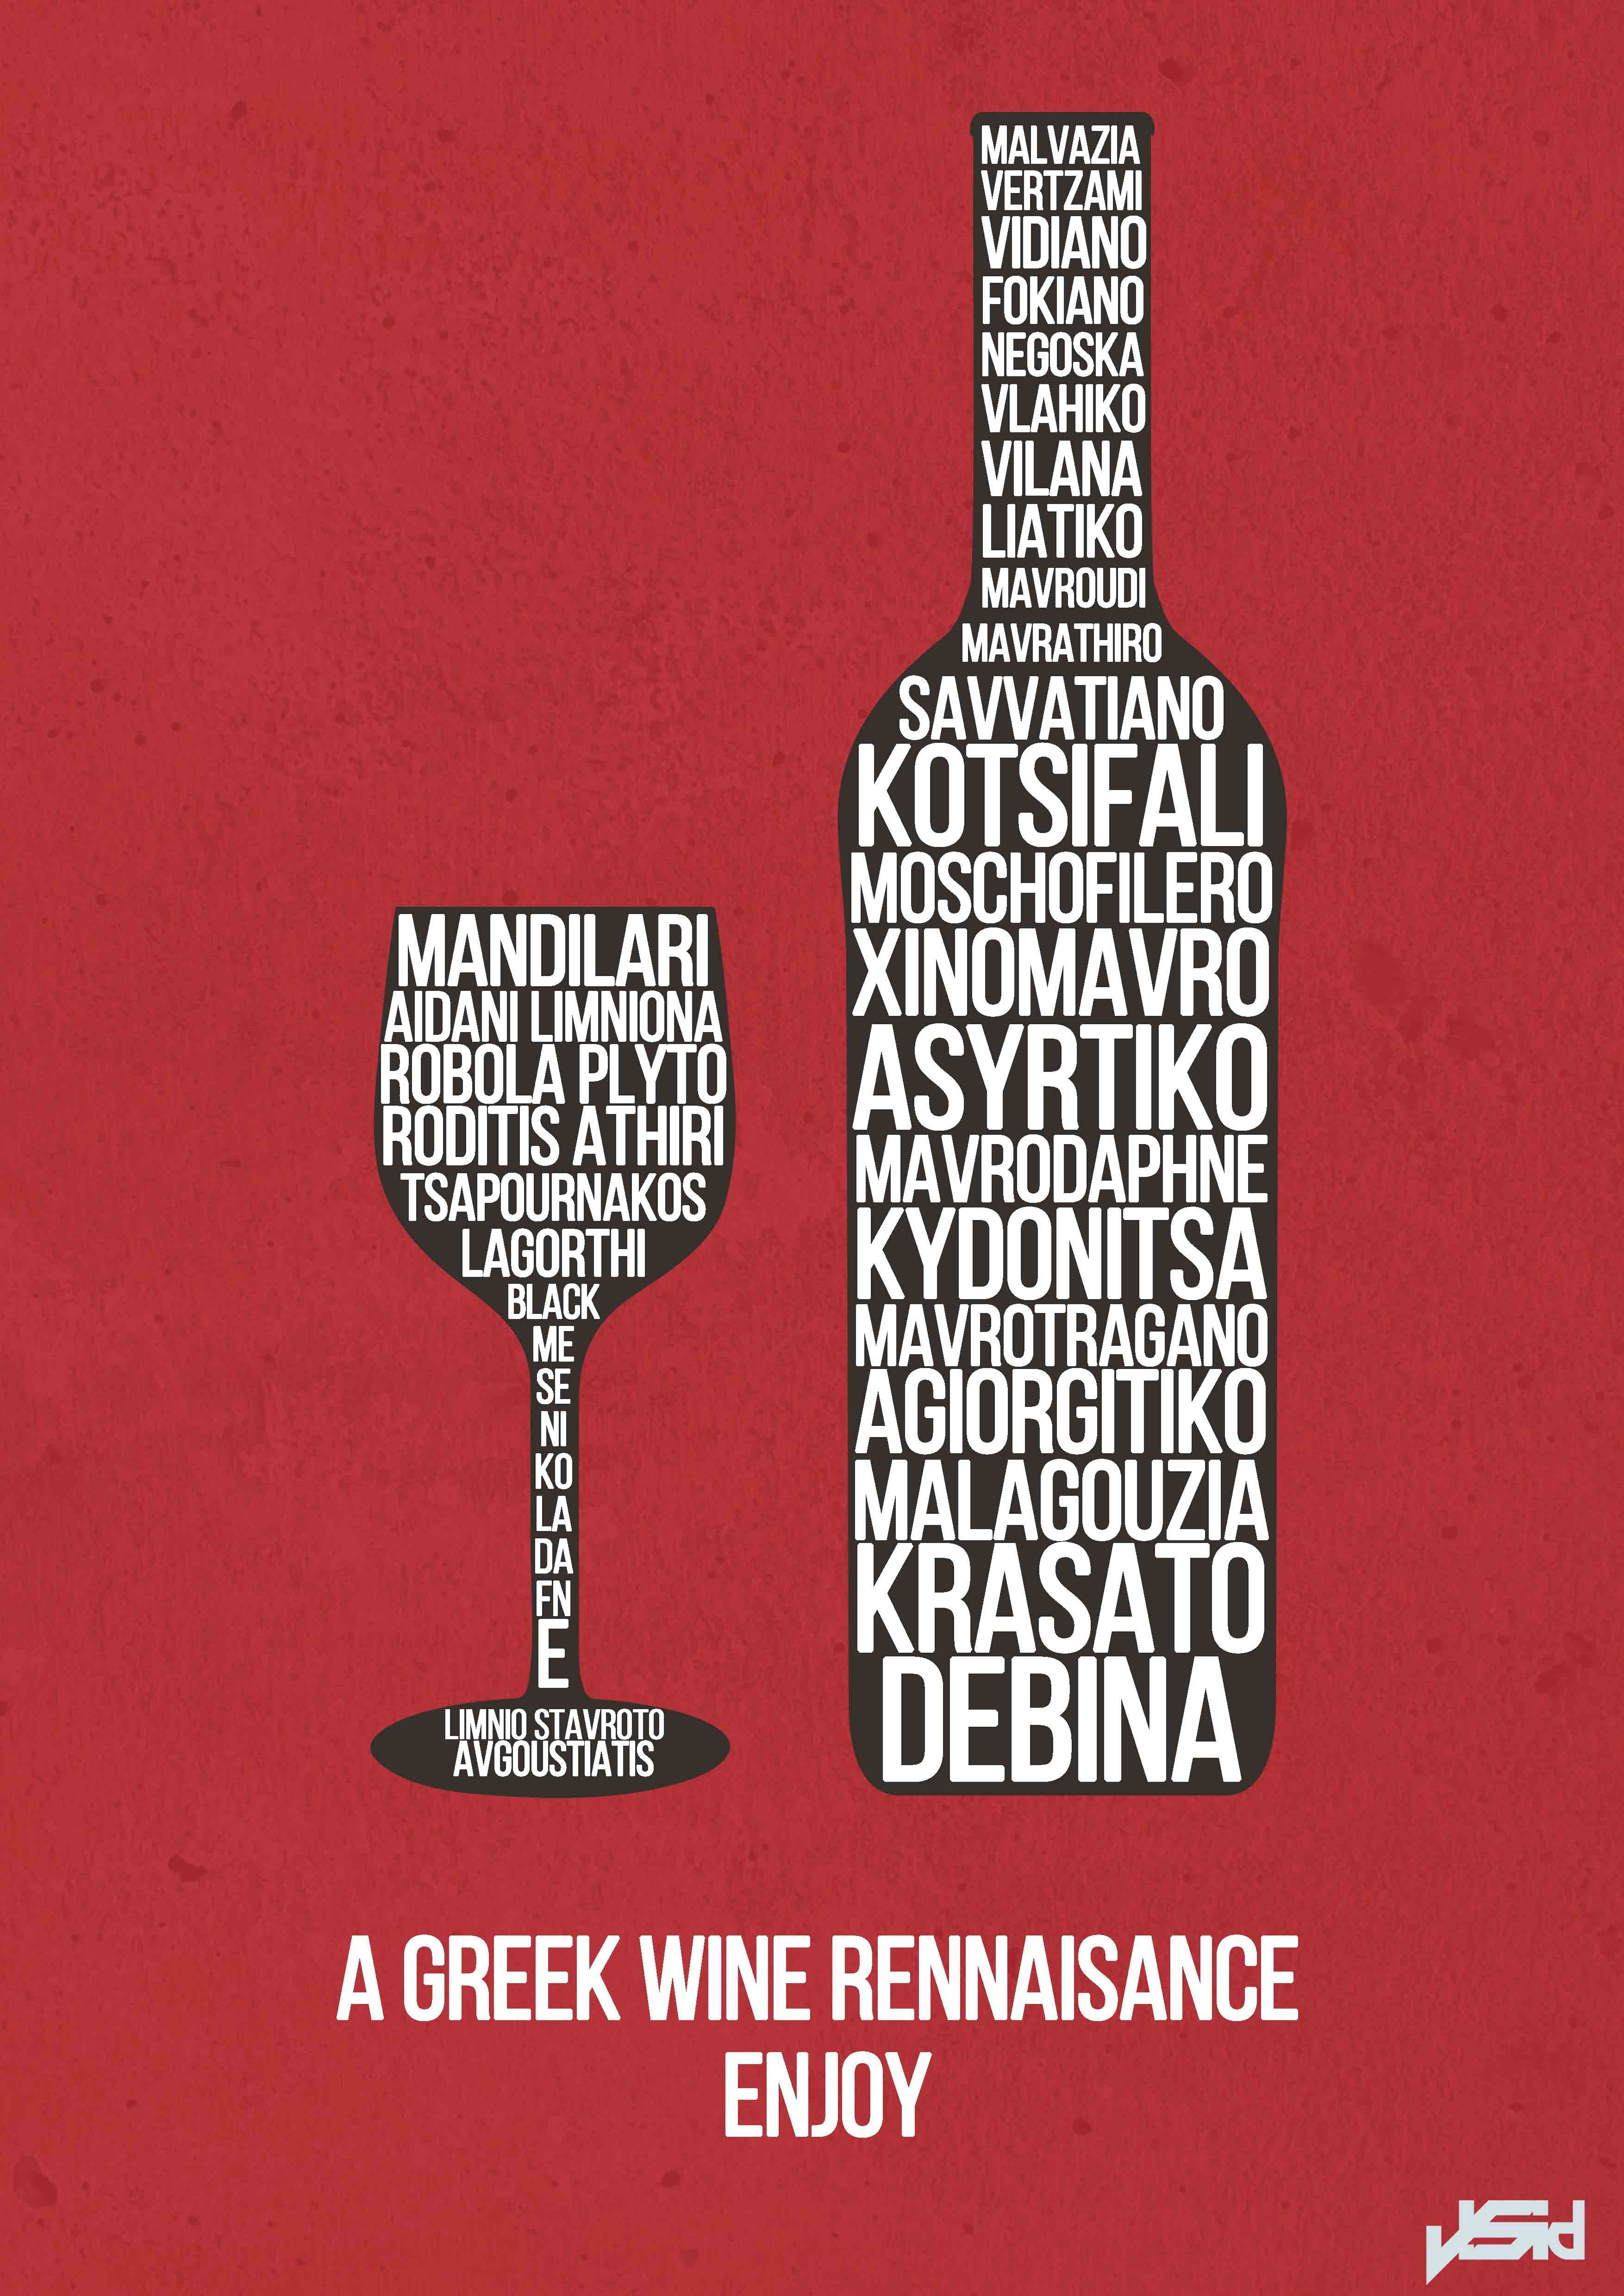 Greek Wine Insider Greek Wine Wine Poster Greek